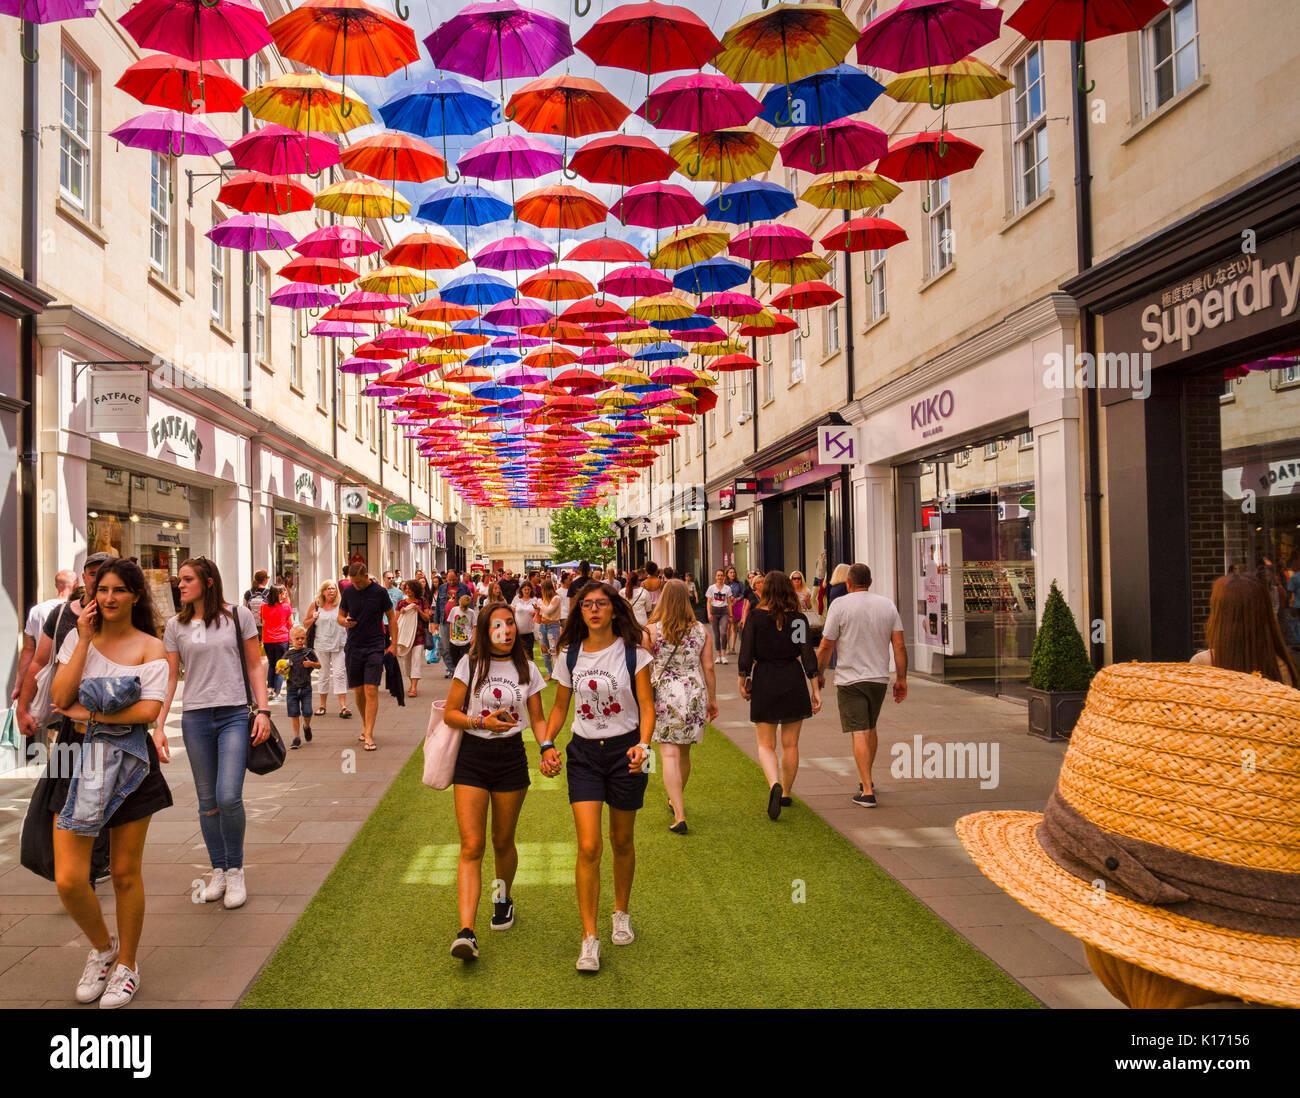 Vom 8. Juli 2017: Badewanne, Somerset, England, UK-Shopping im SouthGate Shopping Center. Oben ist die Installation der Stadt von 1000 Schirme. Stockbild